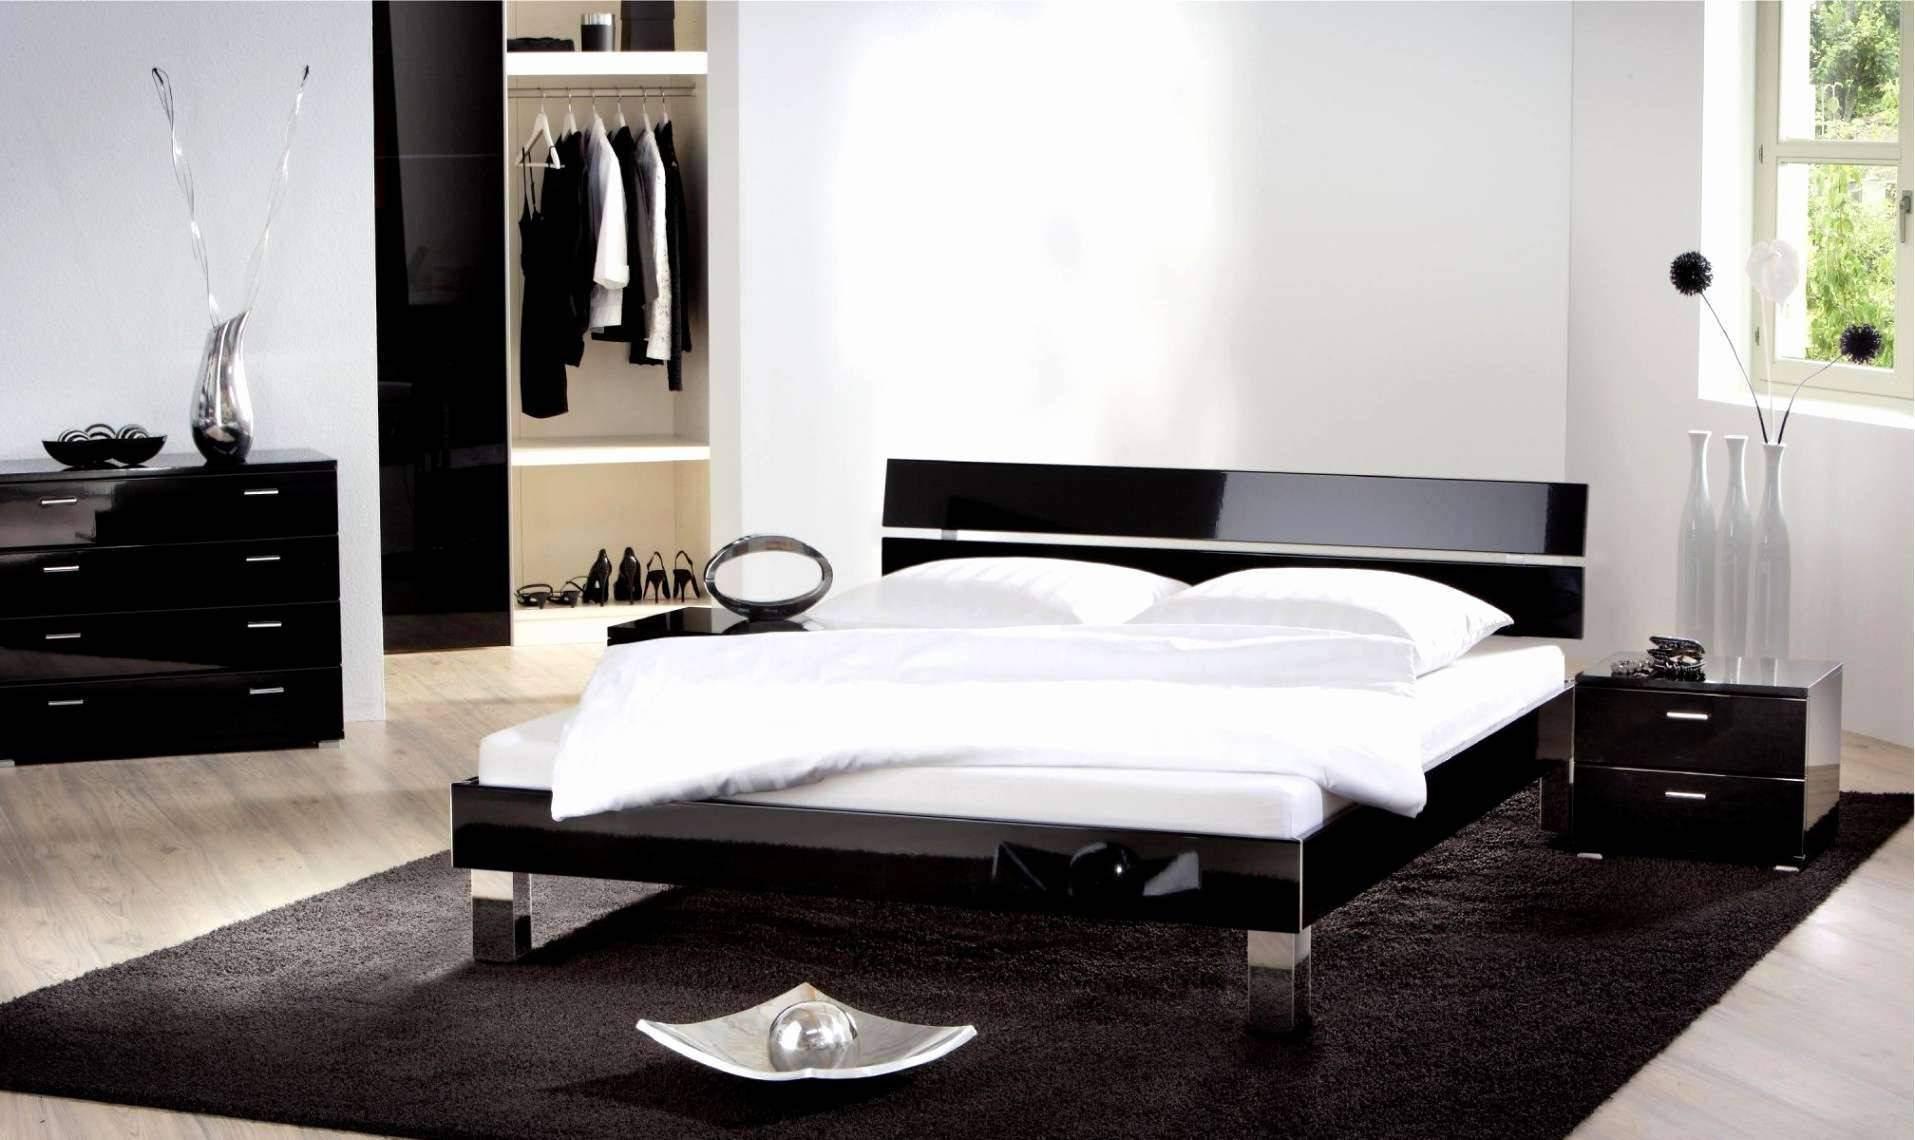 diy wohnzimmer elegant tischdeko wohnzimmer frisch das beste von deko ideen diy of diy wohnzimmer